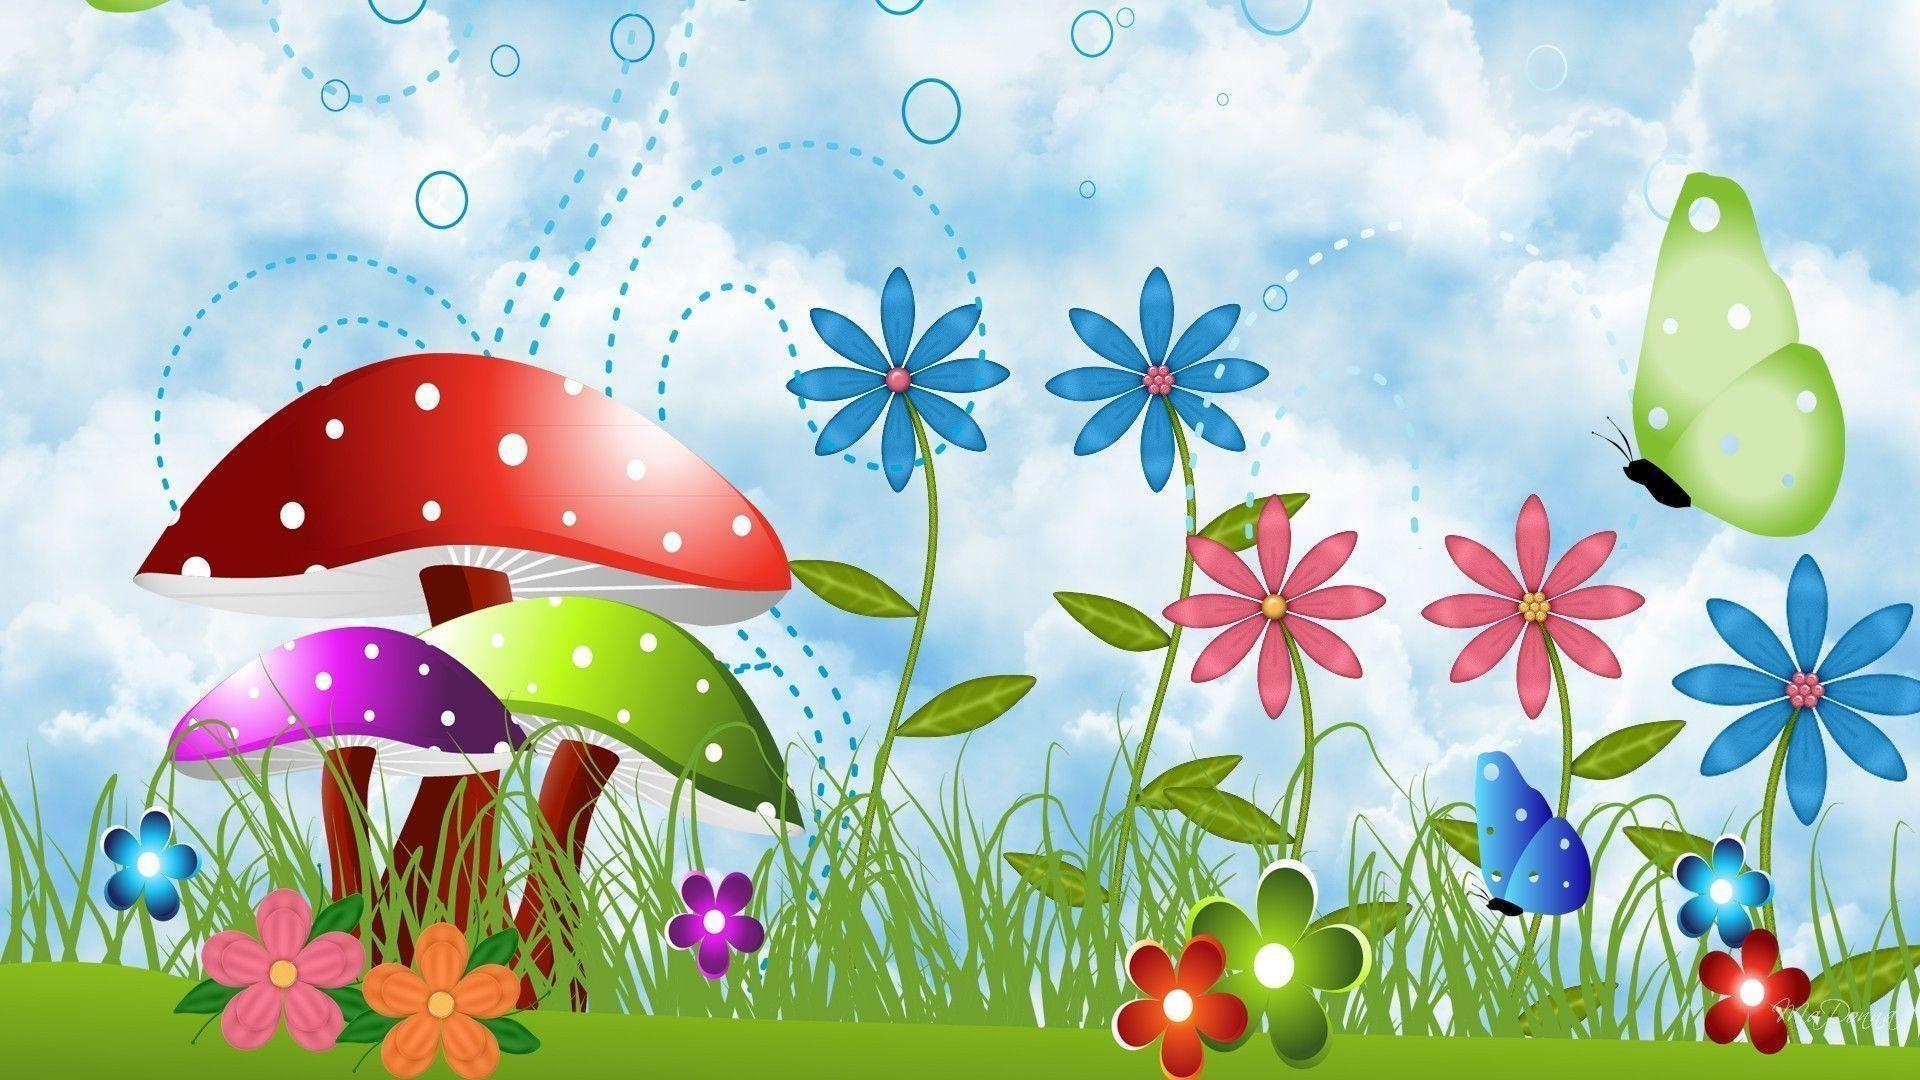 Free Spring Desktop Wallpaper — Crafthubs